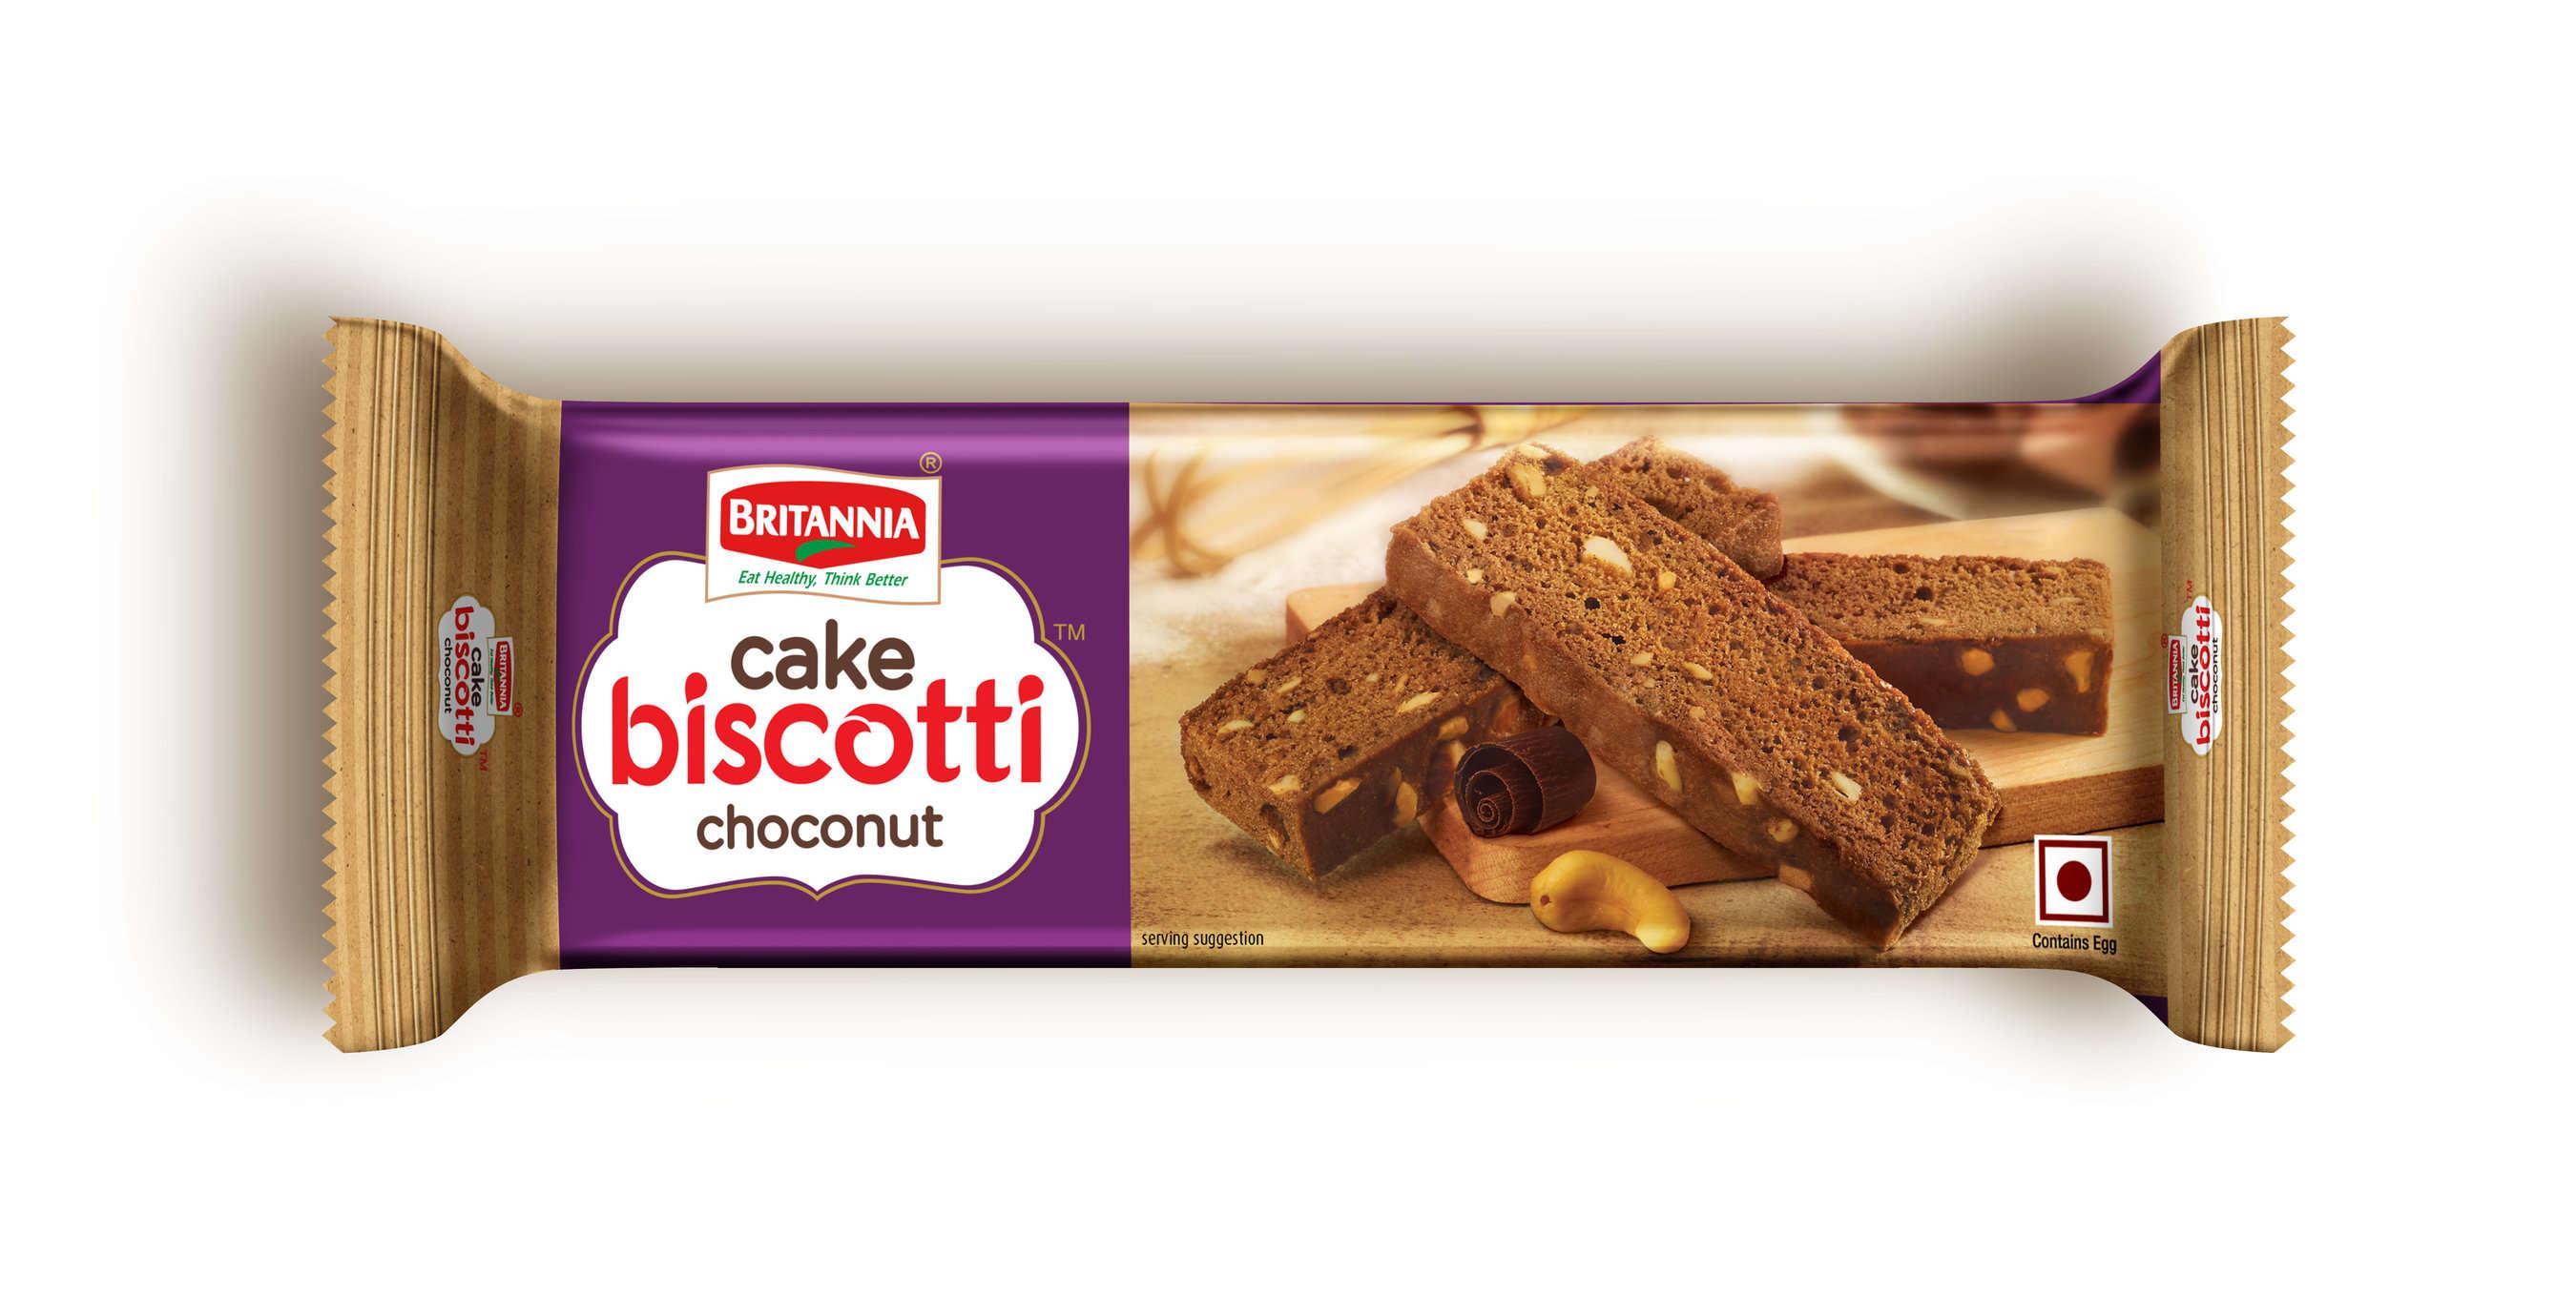 biscuit and britannia